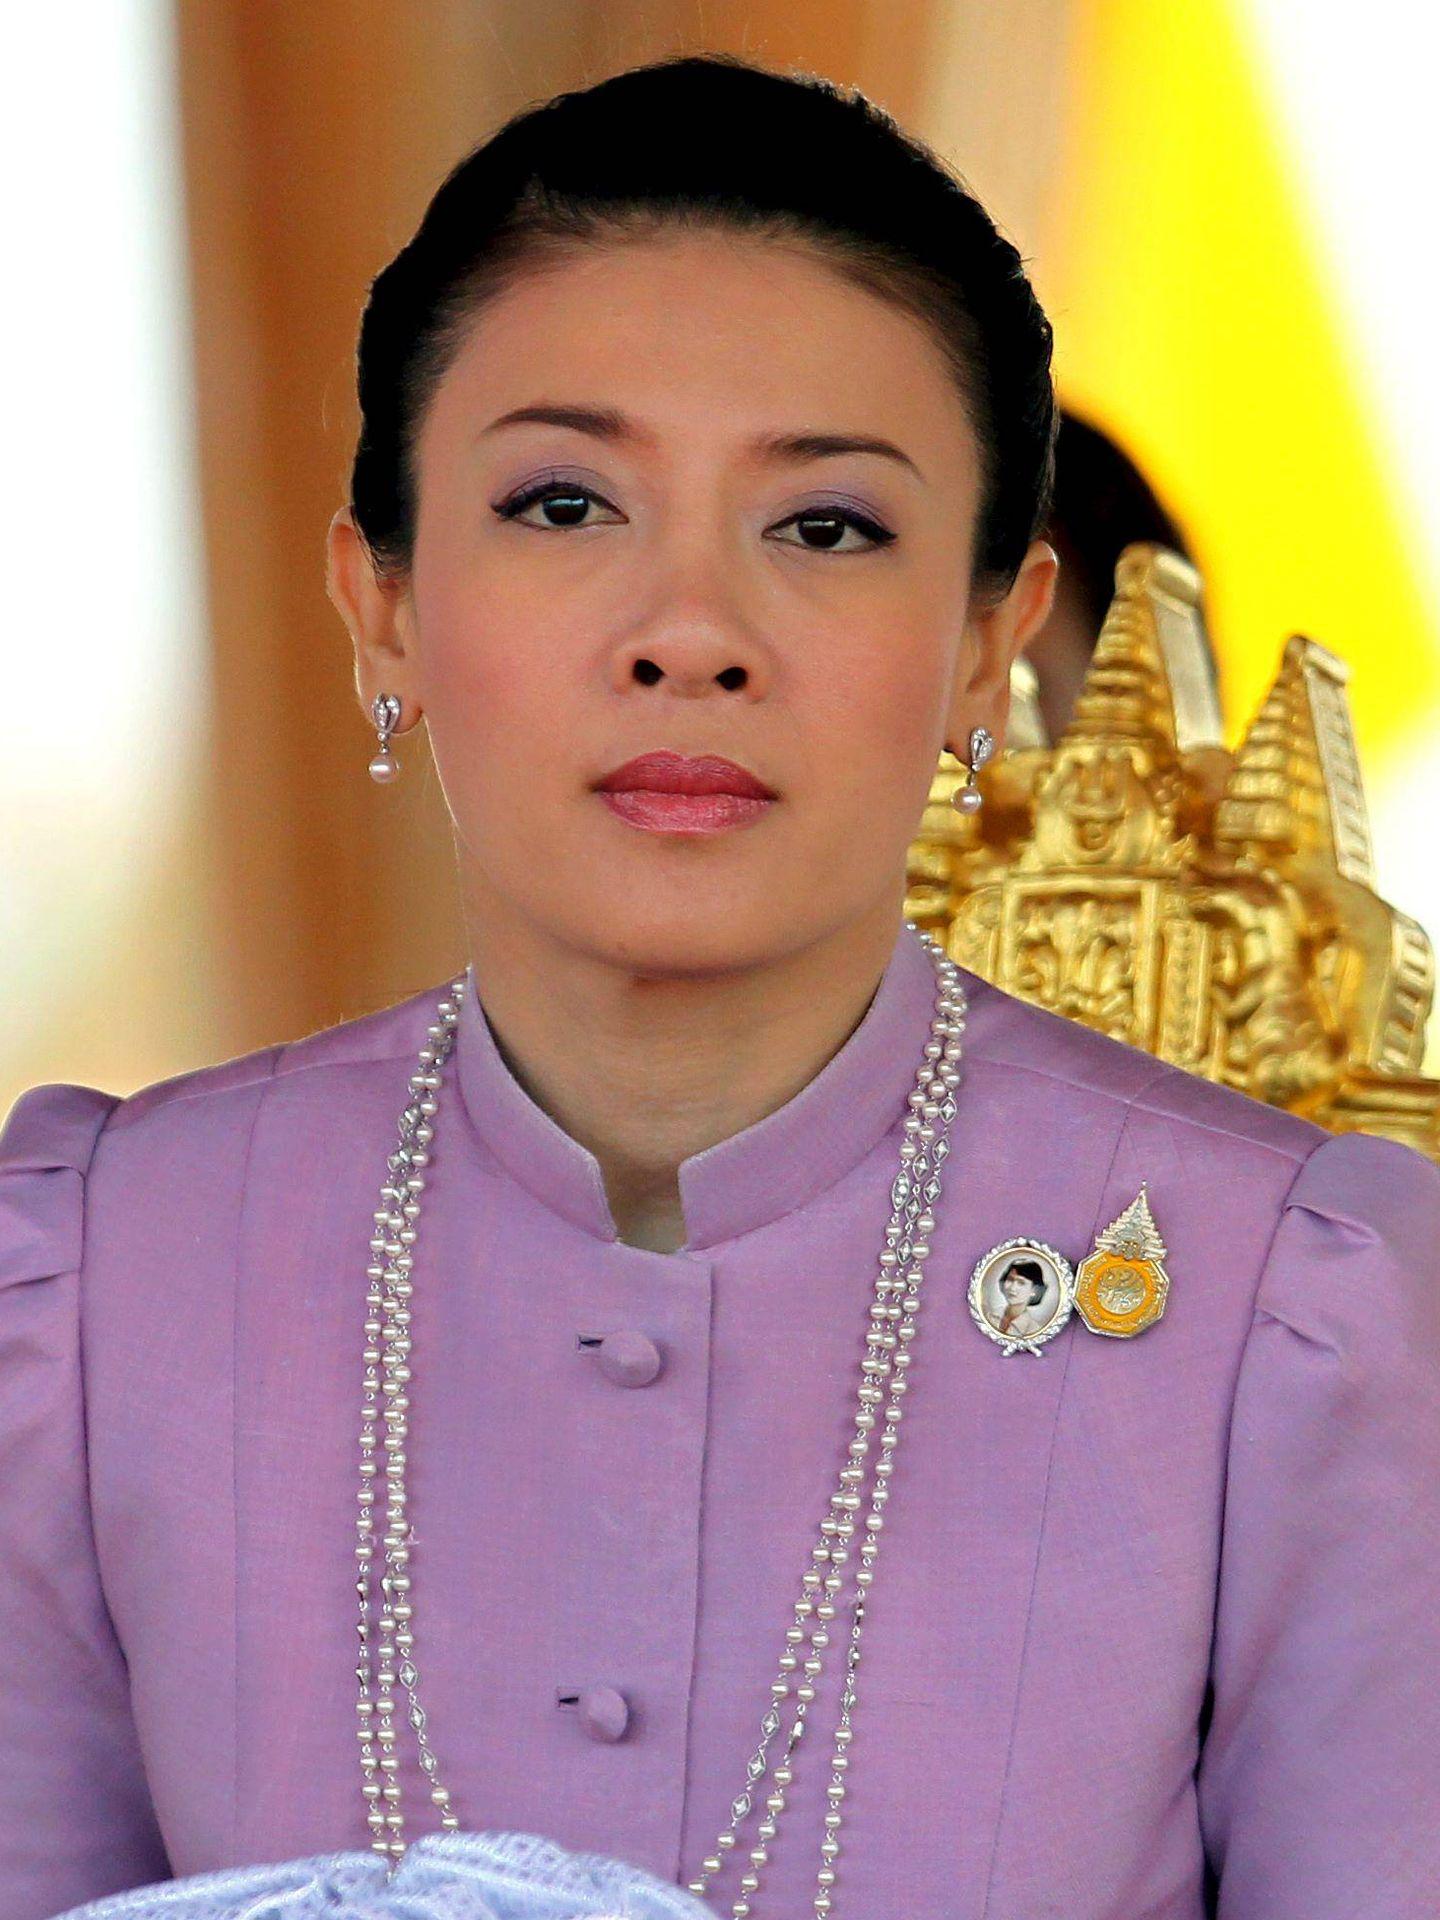 La princesa Srirasmi de Tailandia en una imagen de archivo. (EFE)